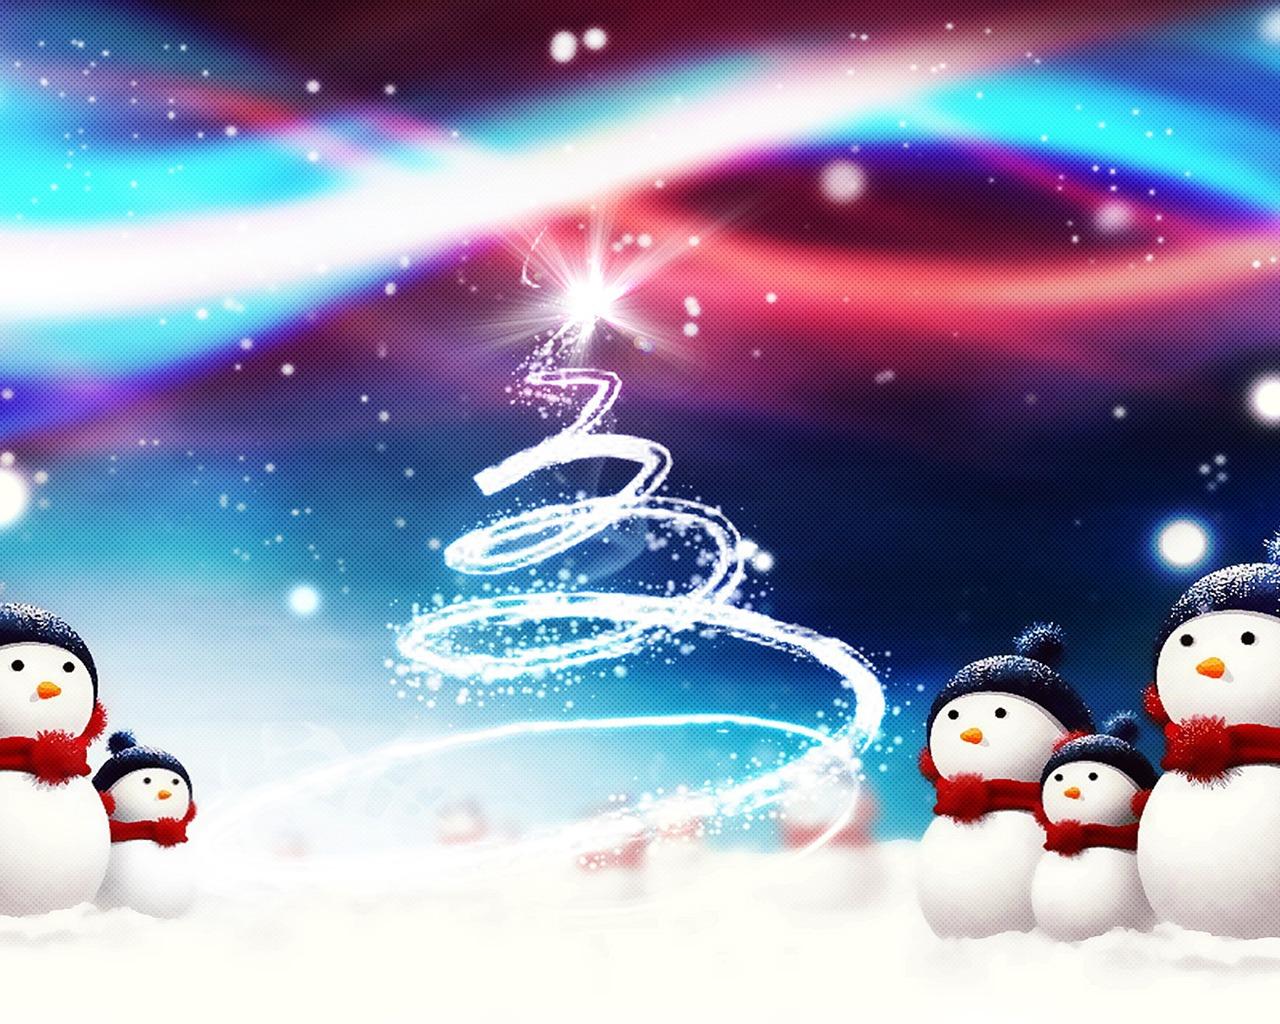 Christmas Magic Hd Wallpapers: Magic Christmas Wallpaper Christmas Holidays Wallpapers In